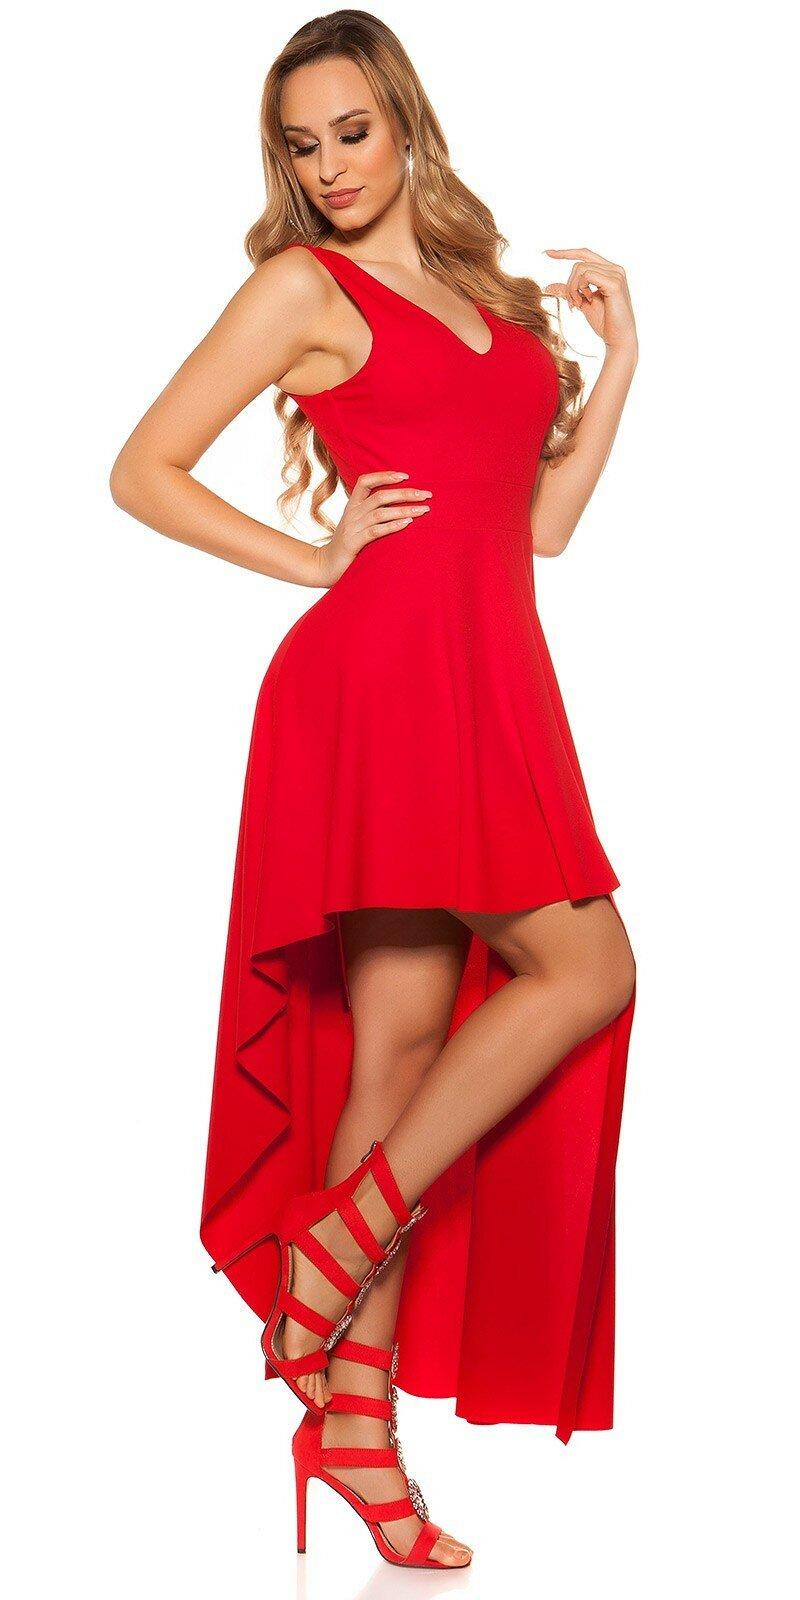 Spoločenské šaty s úzkym pásom  Veľkosť Univerzálna (XS S M) Farba Červená e1139d2aa69